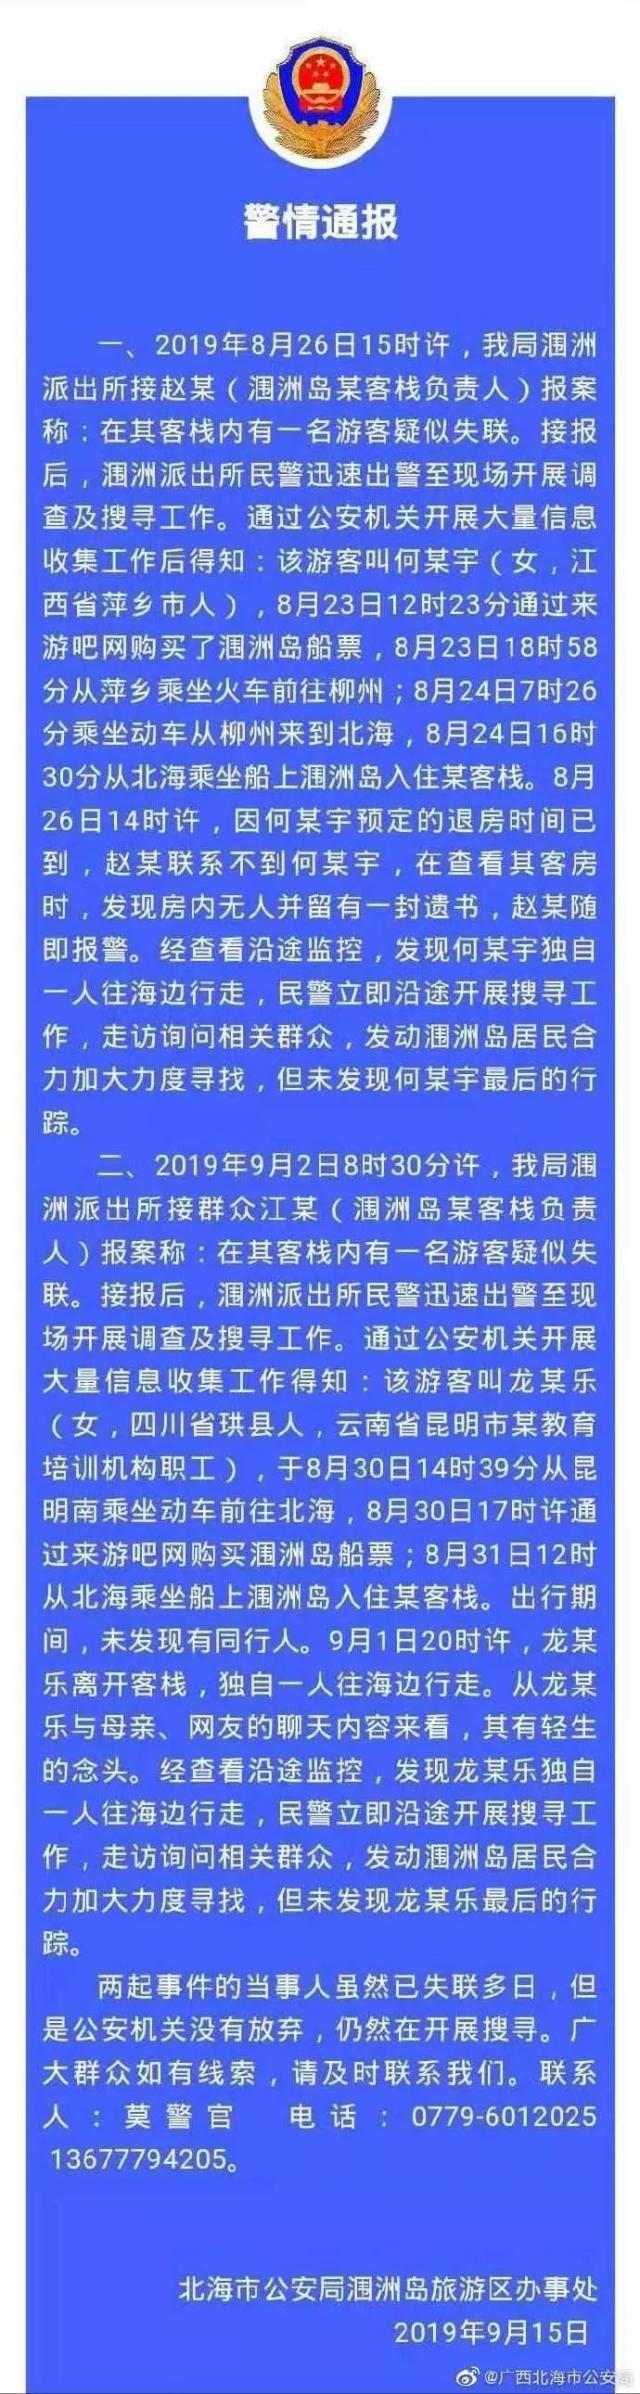 两名女游客接连在涠洲岛失联,广西警方发布通报